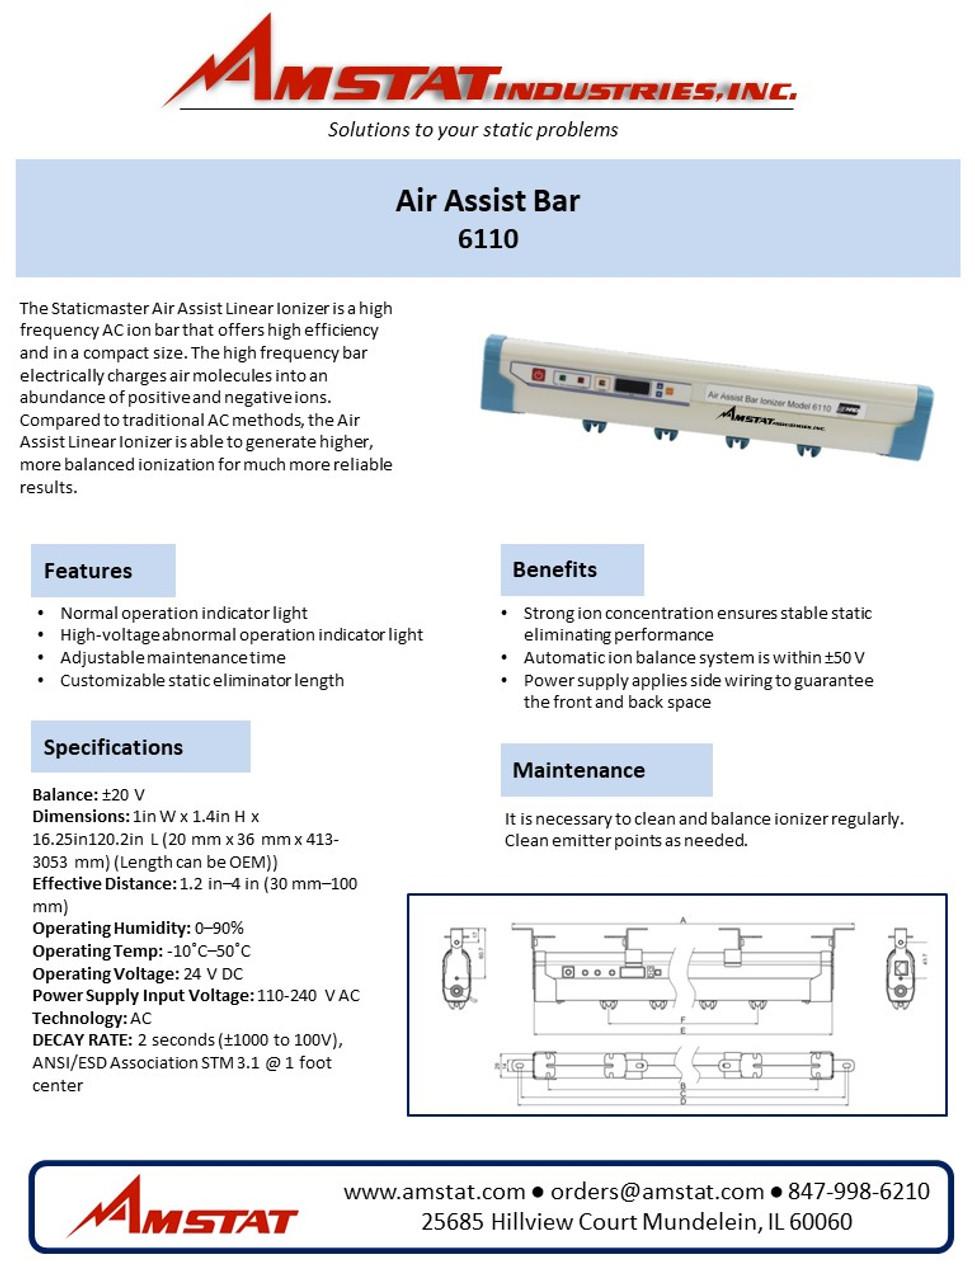 Air Assist Bar